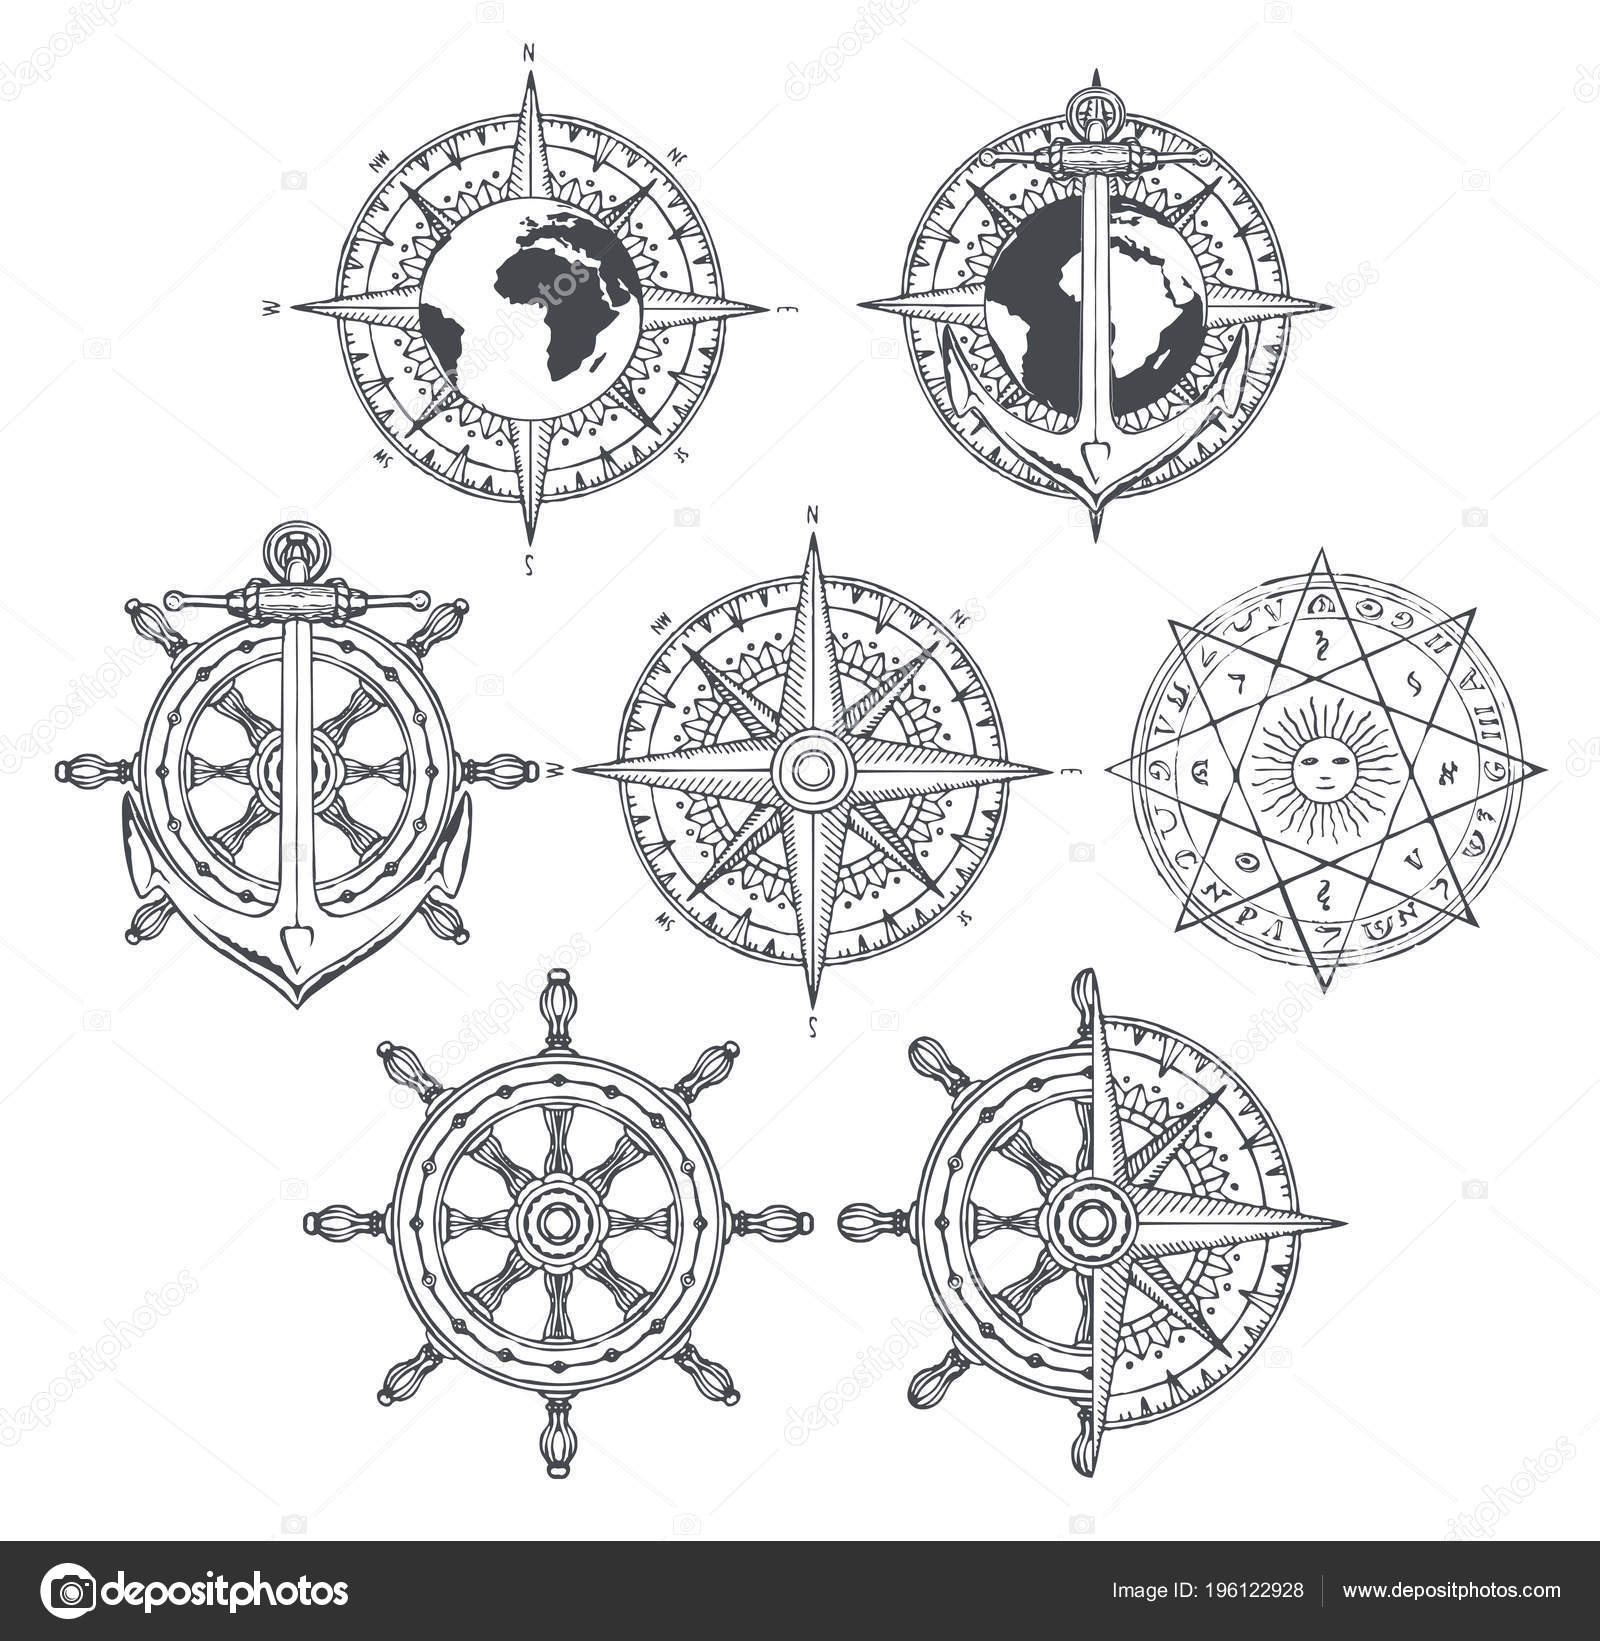 Vecteur Ensemble Des Emblemes Nautiques Rose Des Vents Ancre Navire